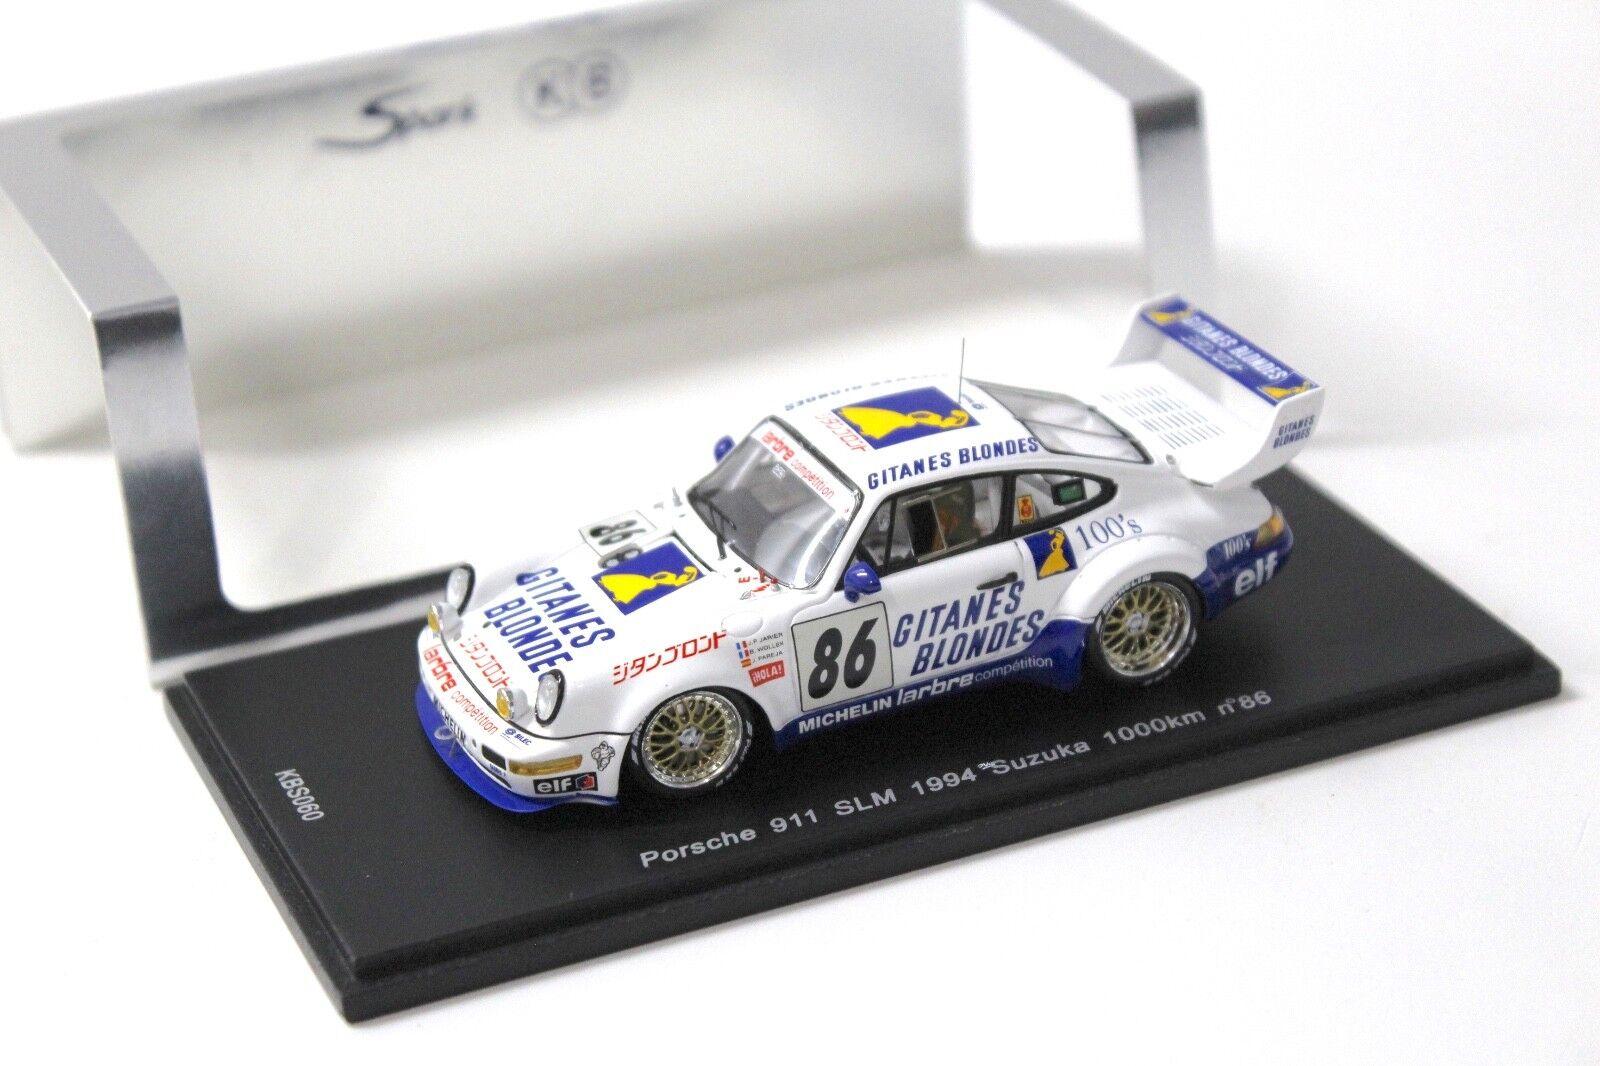 1 43 Spark Porsche 911 SLM 1994 Suzuka 1000 km NEW bei PREMIUM-MODELCARS